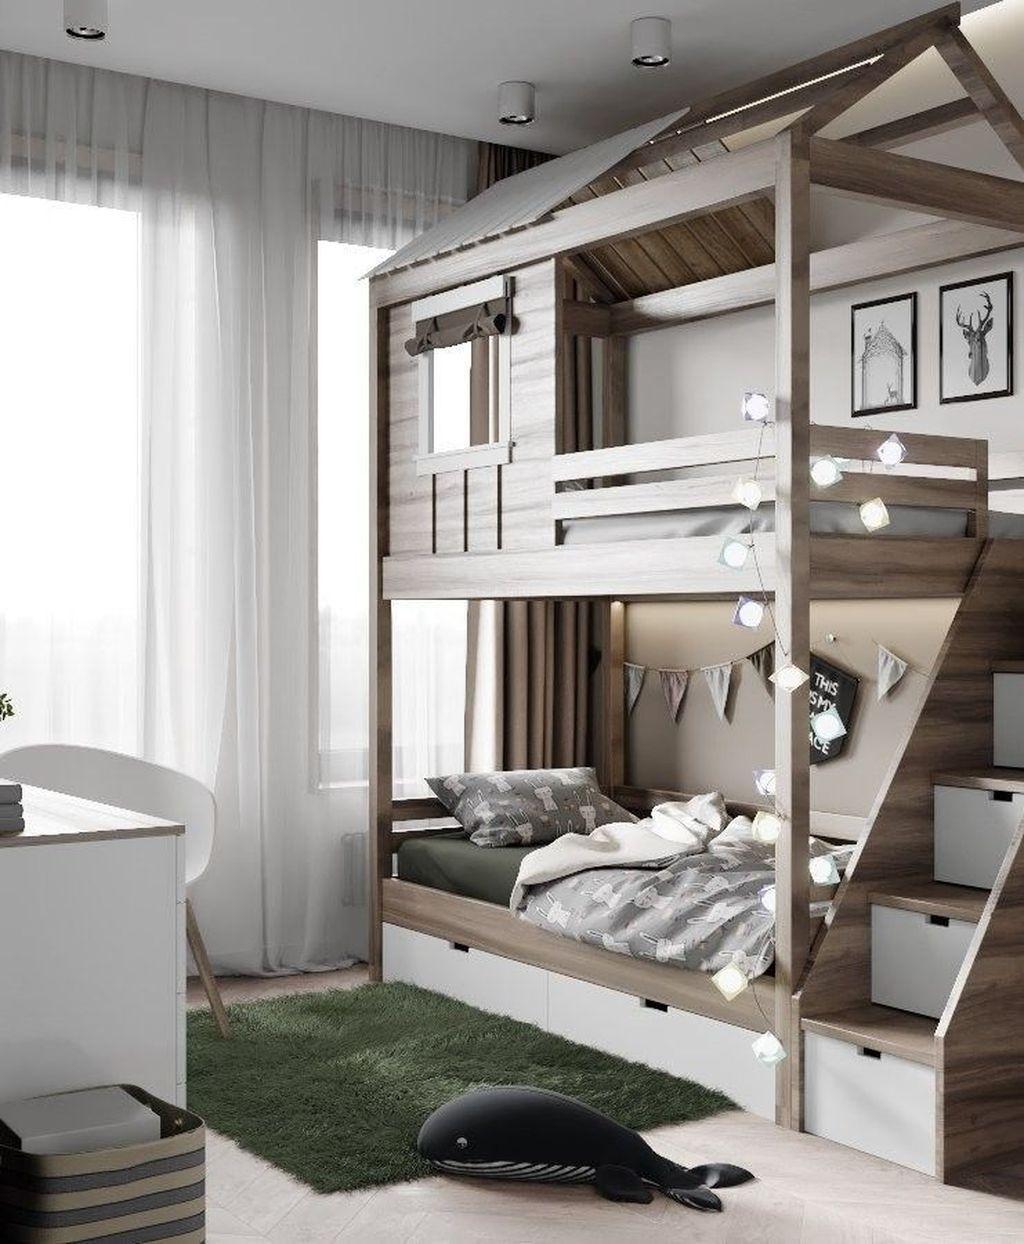 40+ Affordable Kids Bedroom Design Ideas That Suitable For Kids #kidsroom